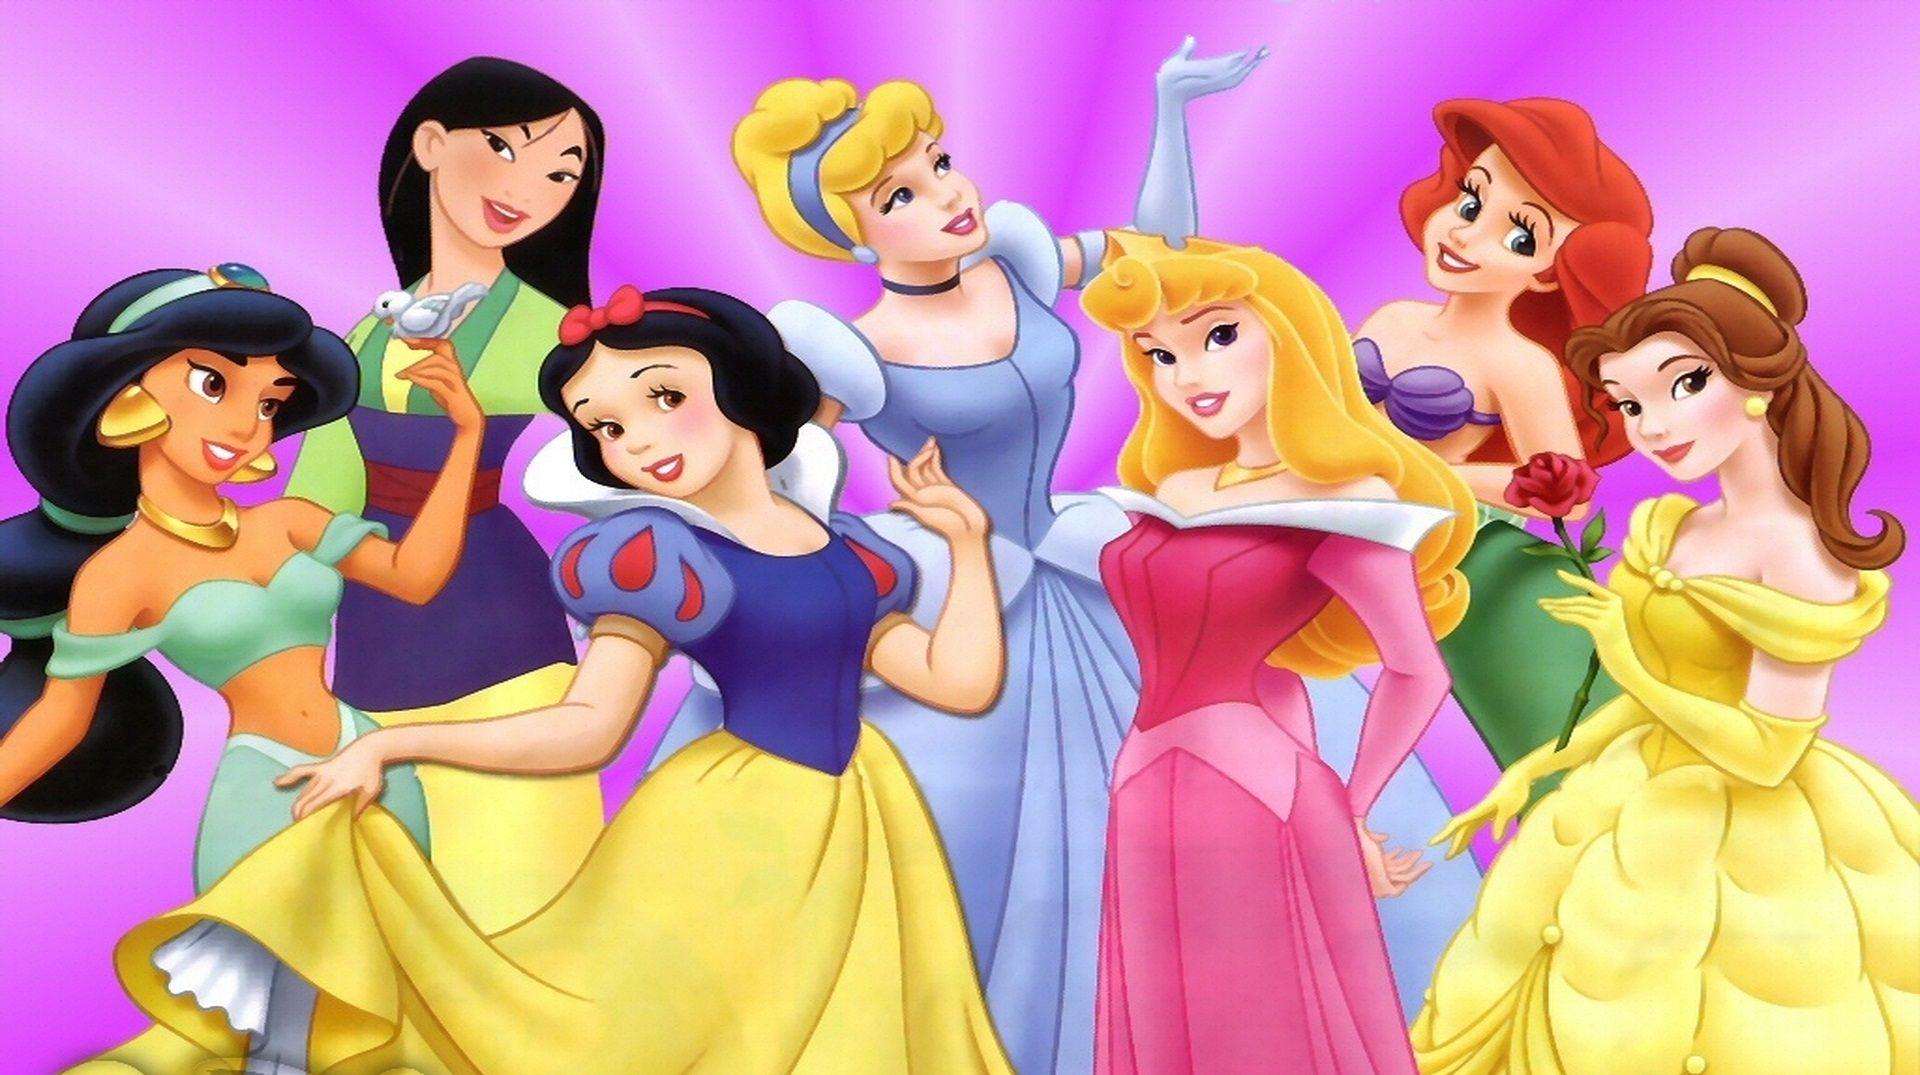 Disney Princess HD Desktop Wallpaper Widescreen High 1024x768 Wallpapers